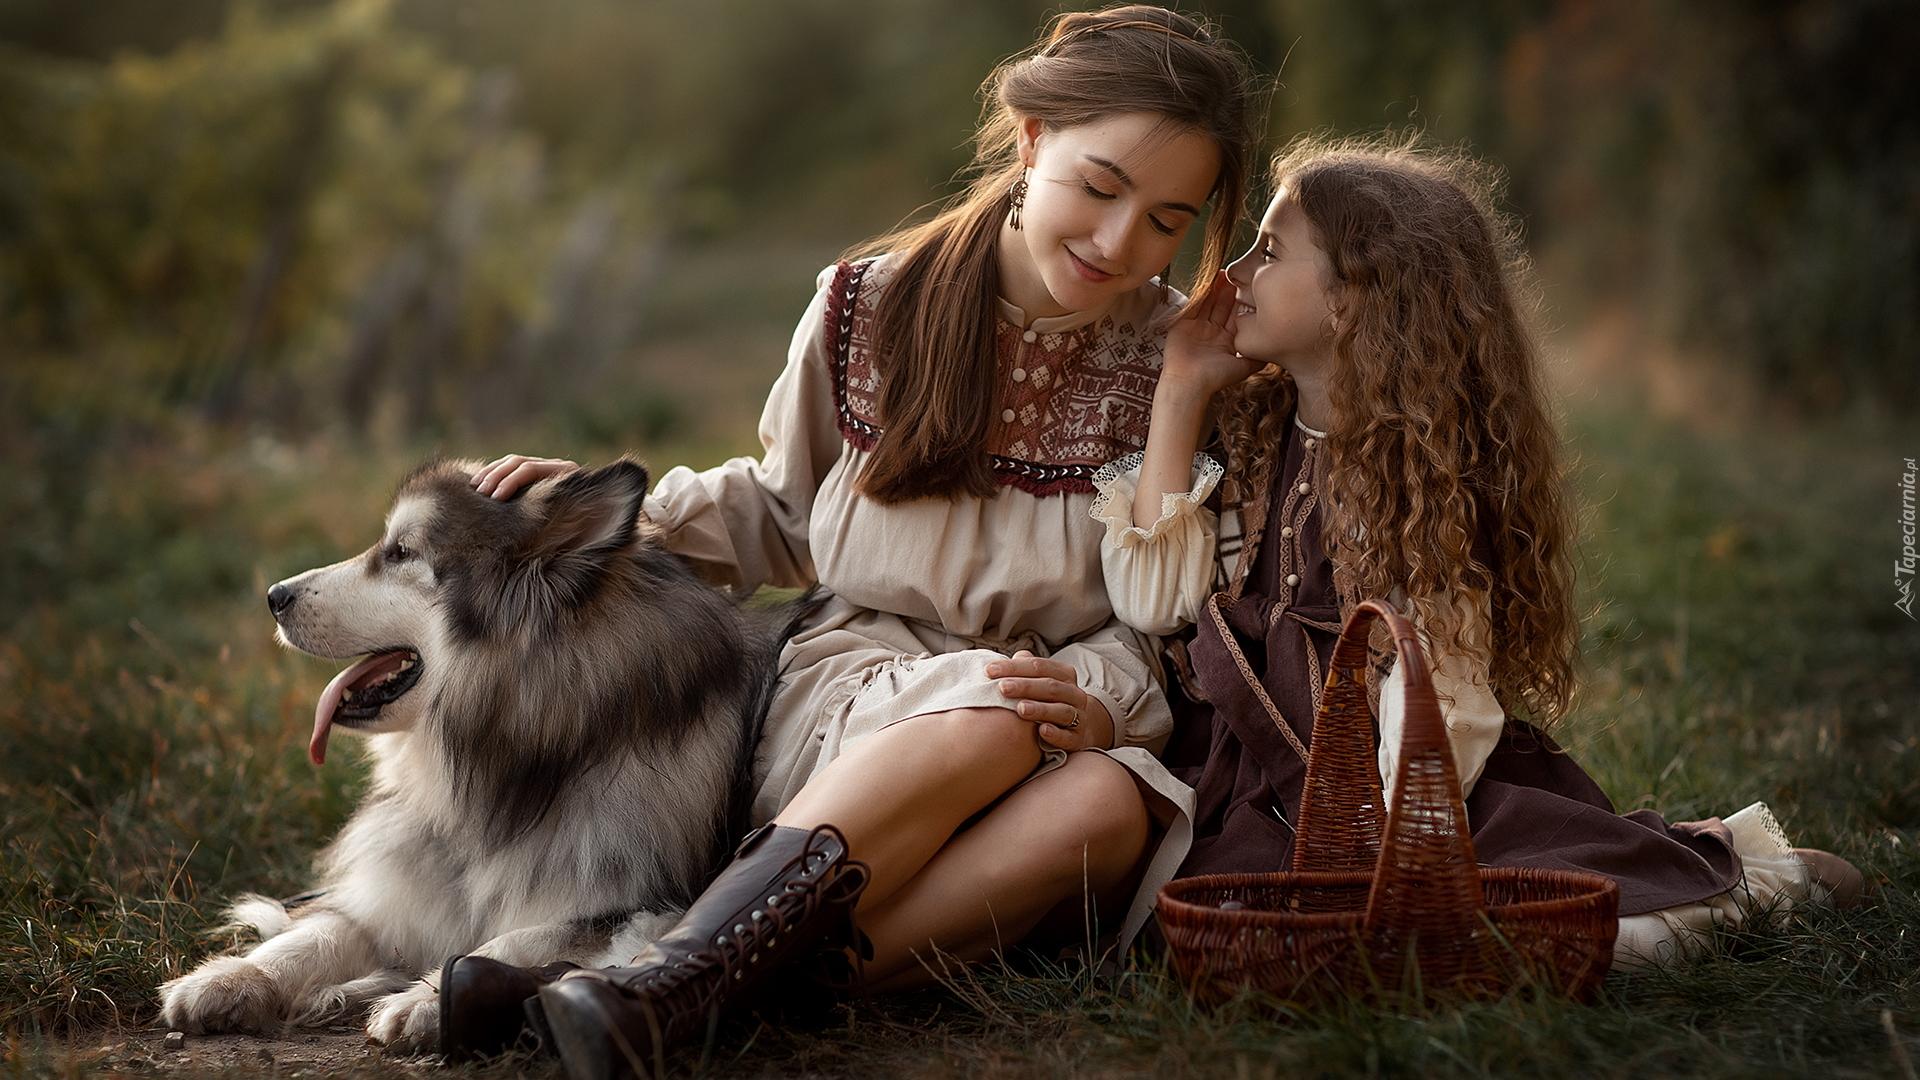 tapeta-dziewczynka-i-kobieta-siedzace-na-trawie-z-psem.jpg